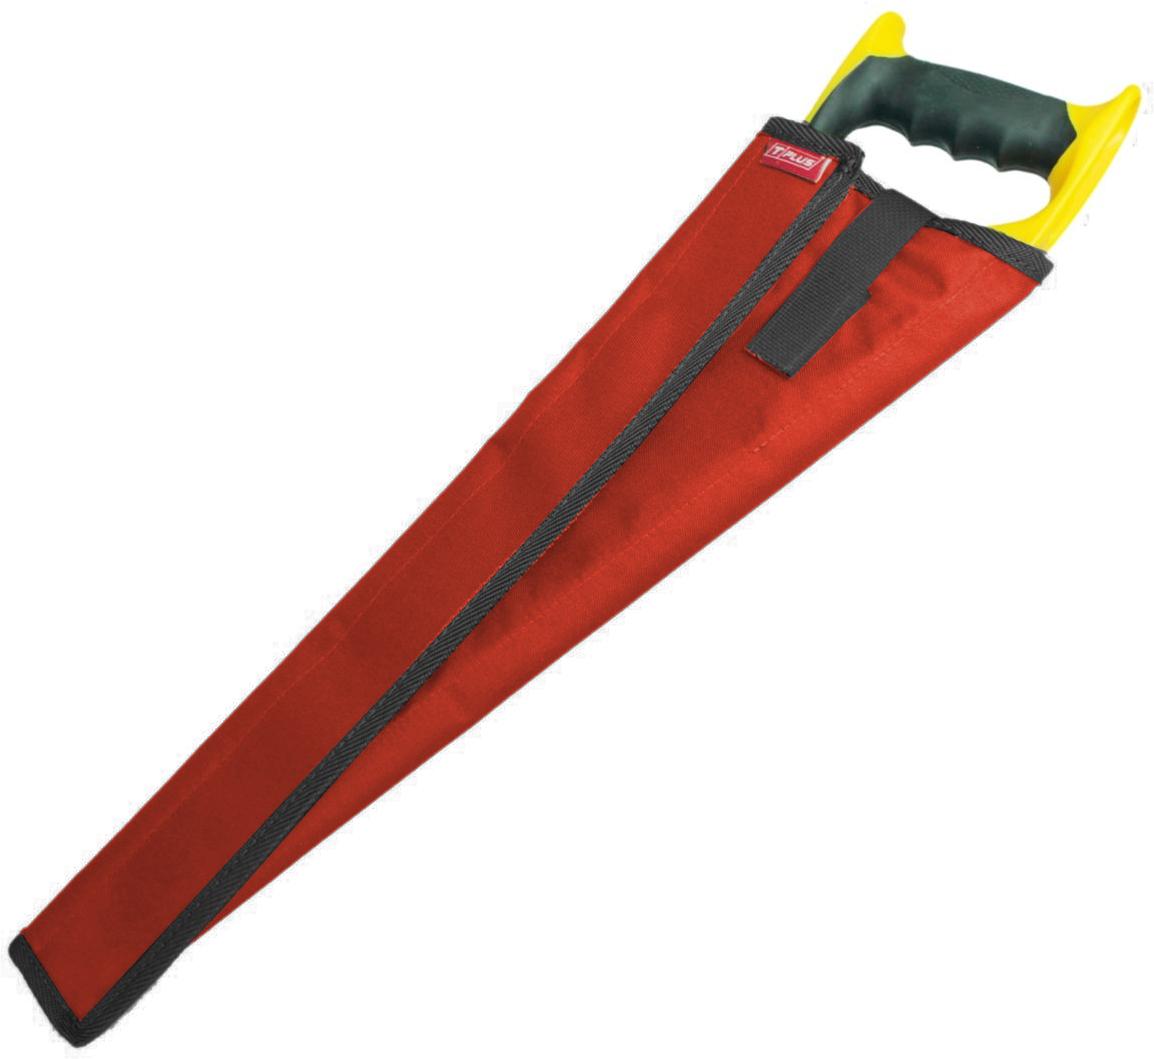 Чехол для ножовки Tplus, оксфорд 600, цвет: красный, 50 см